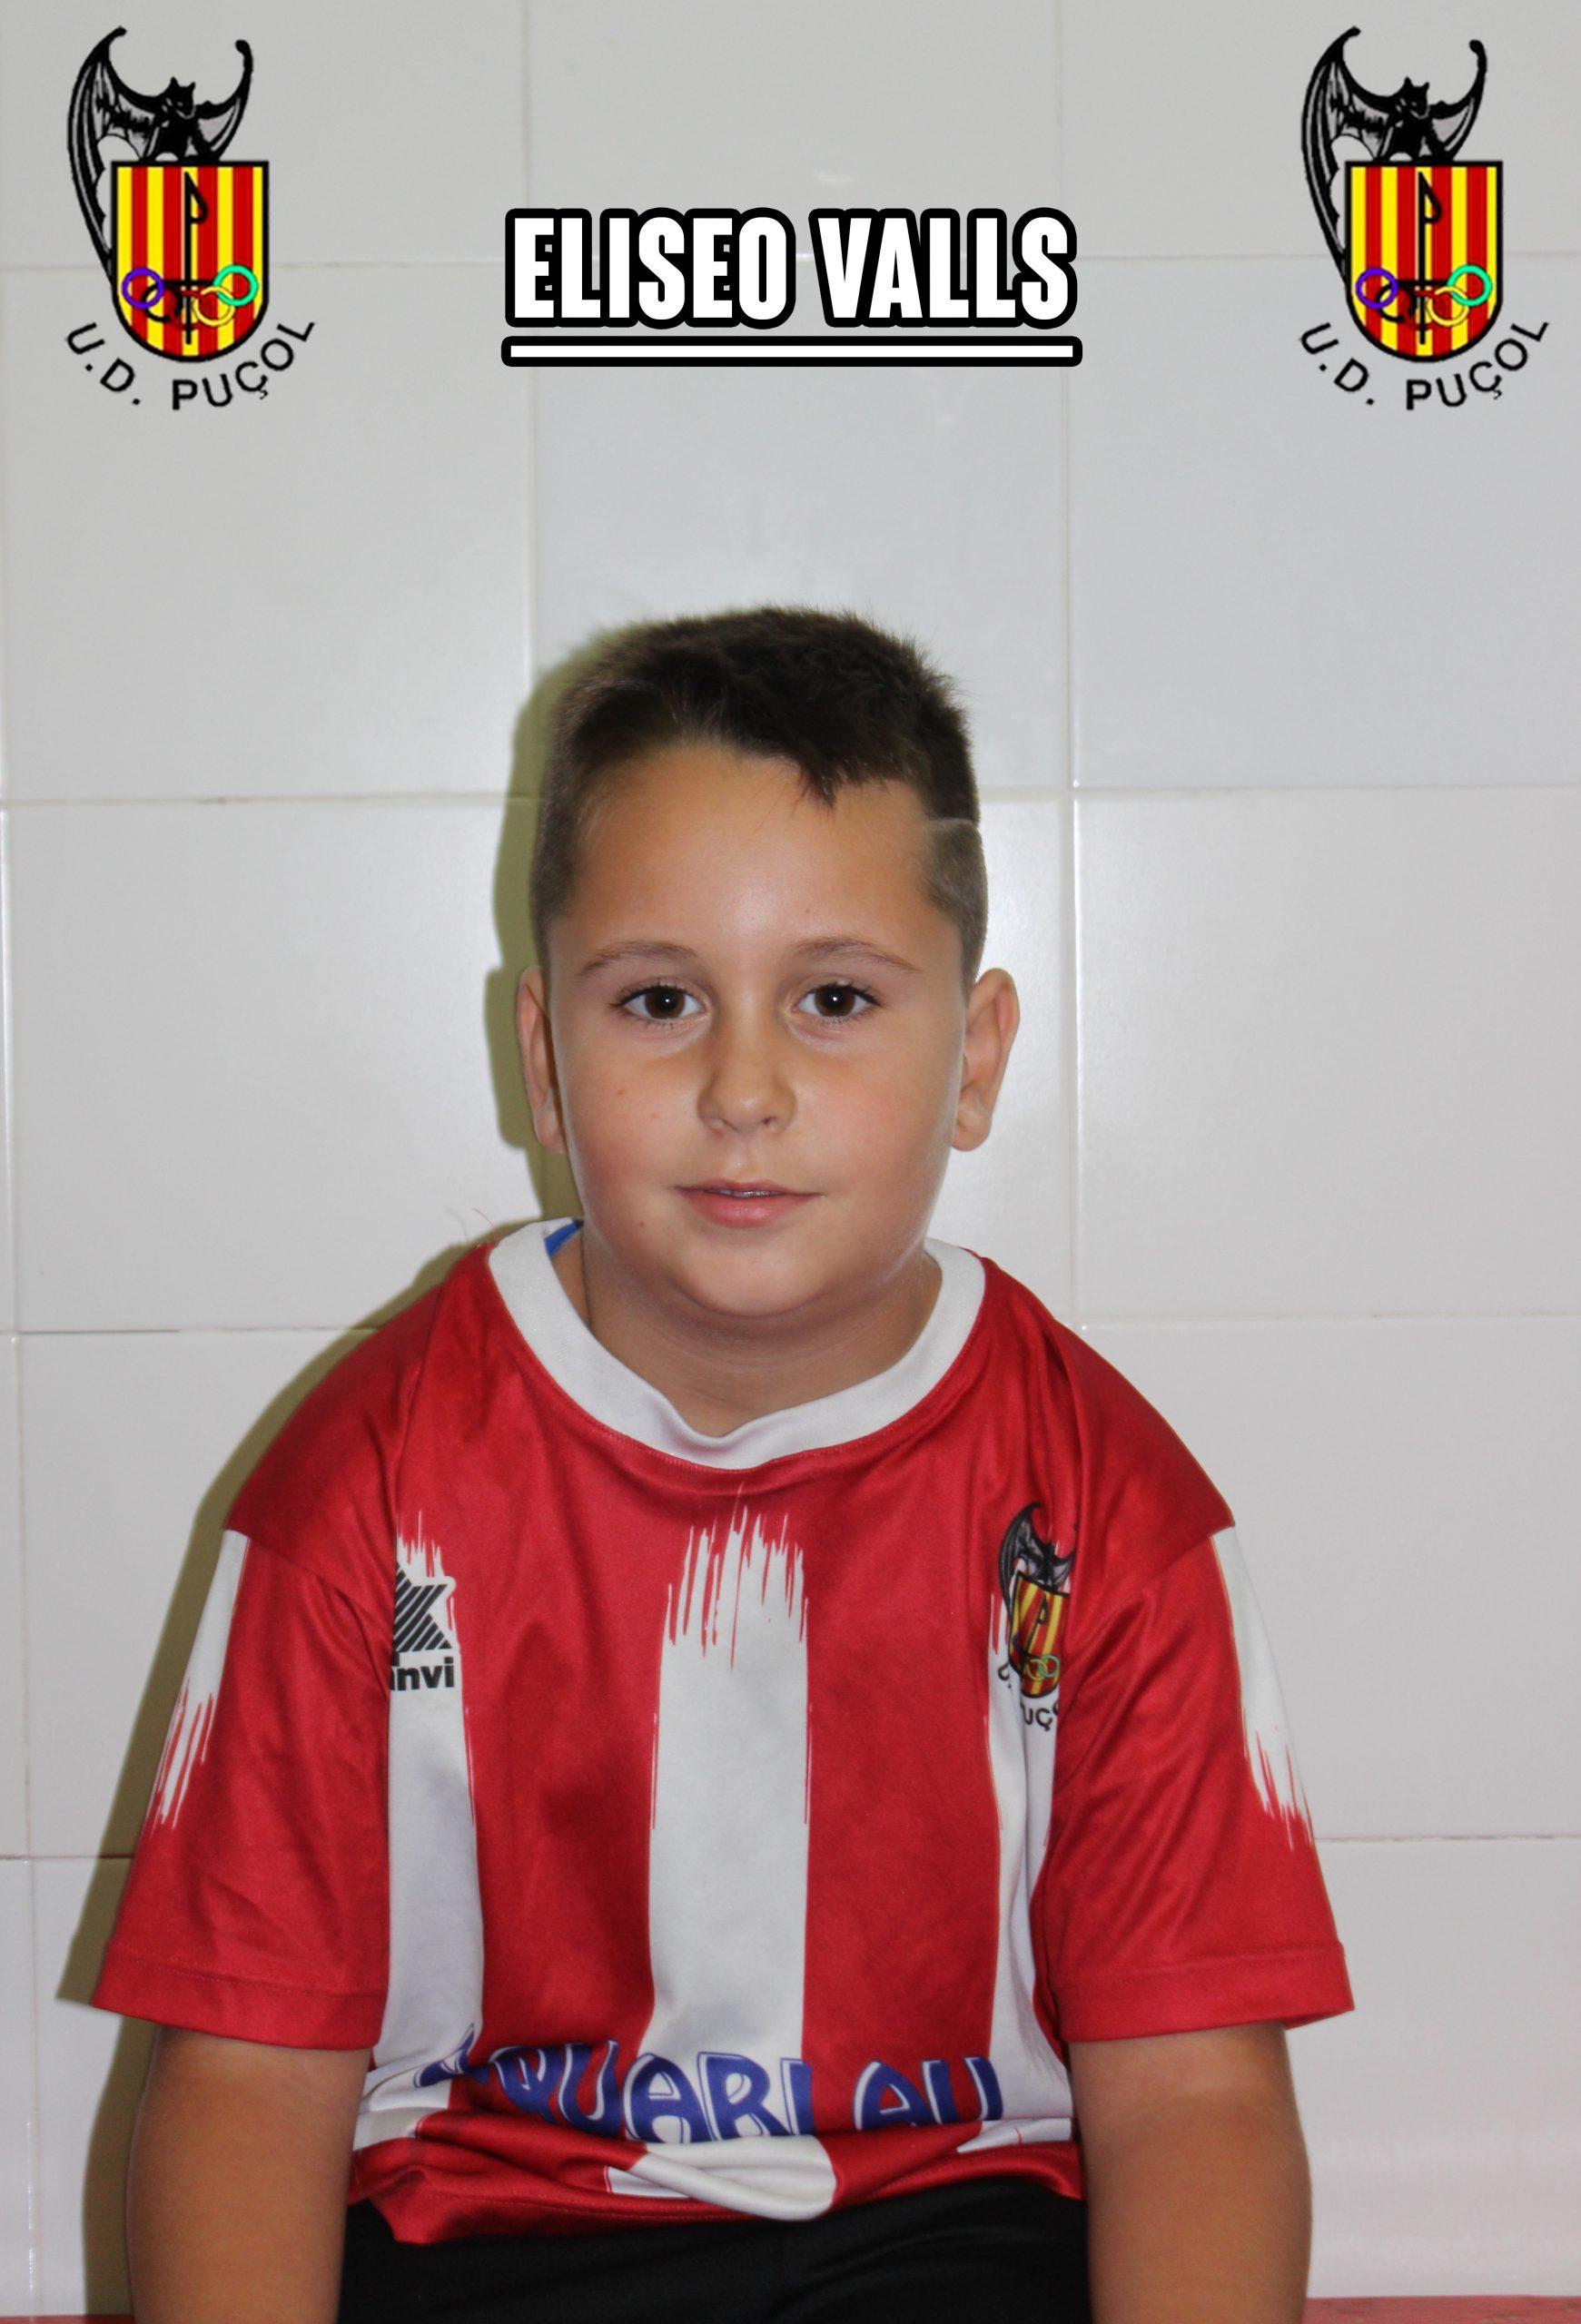 Eliseo Valls